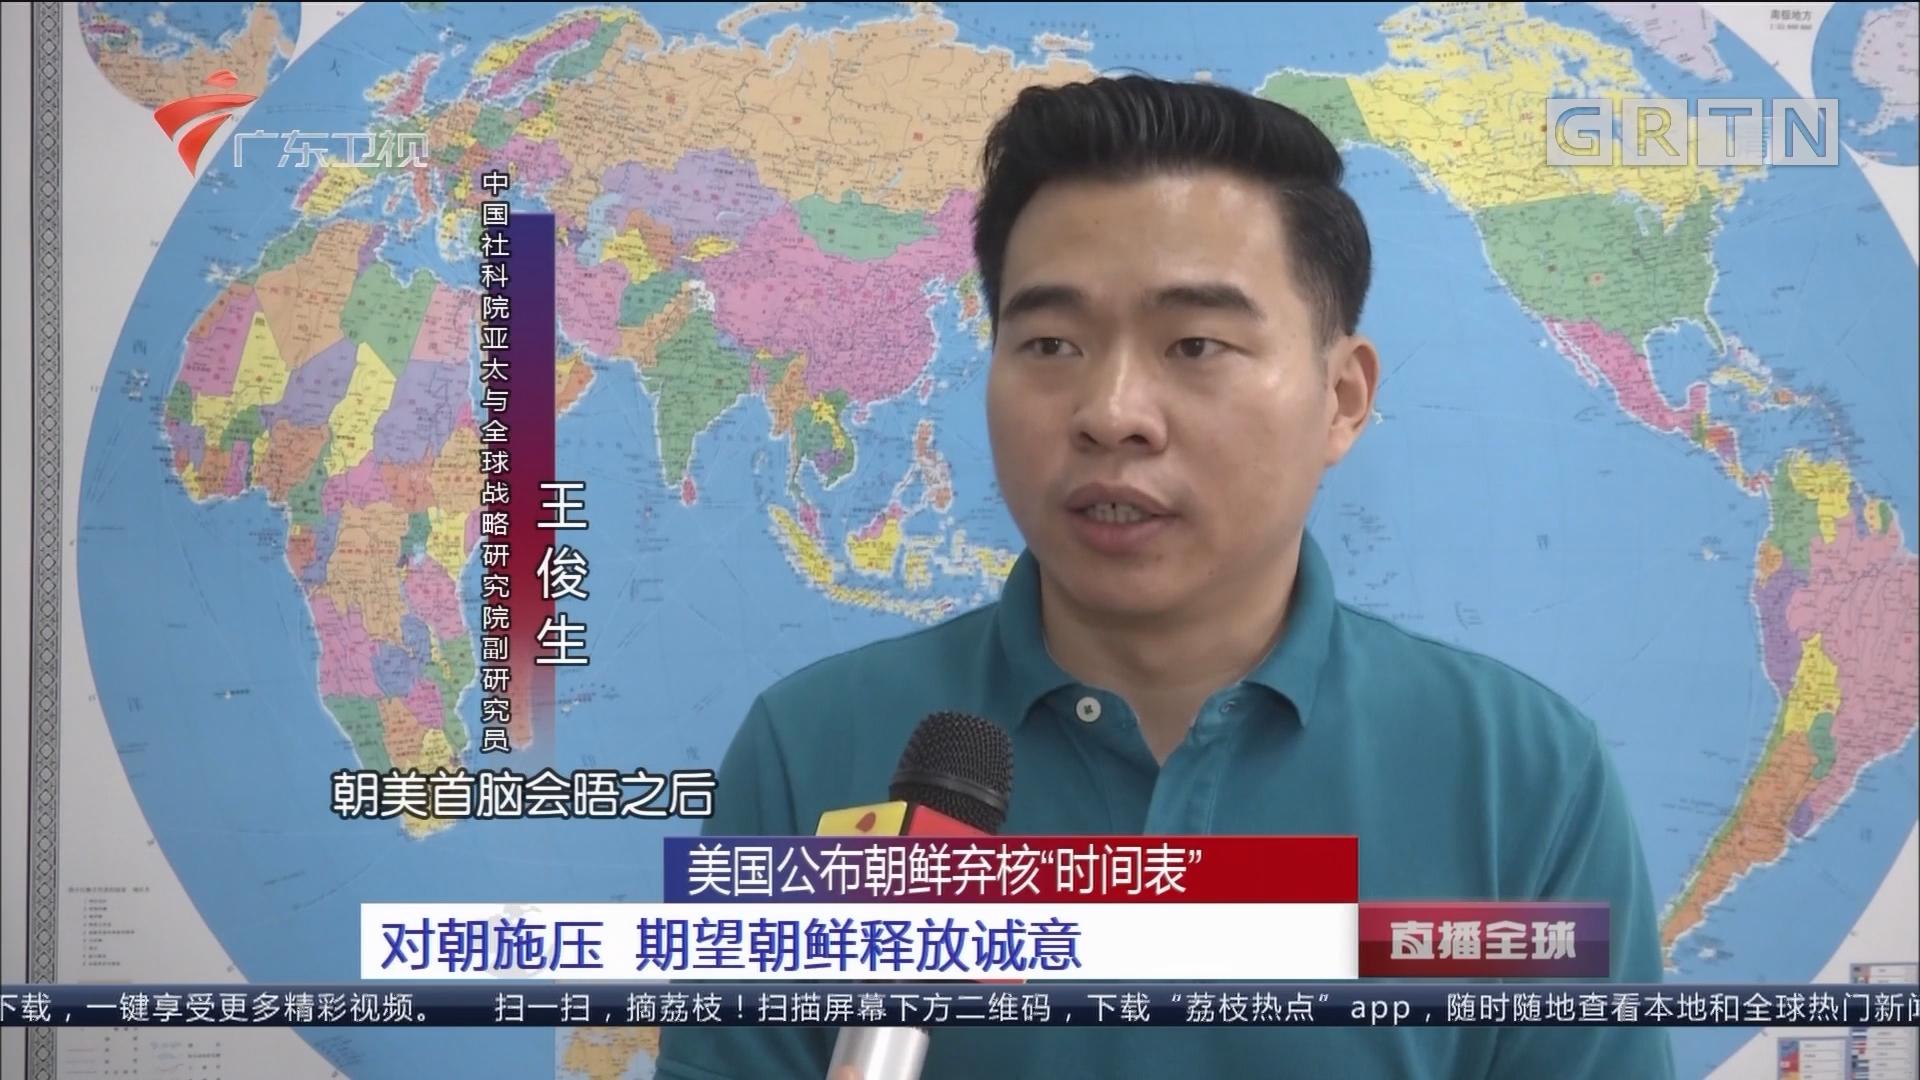 """美国公布朝鲜弃核""""时间表"""" 对朝施压 期望朝鲜释放诚意"""